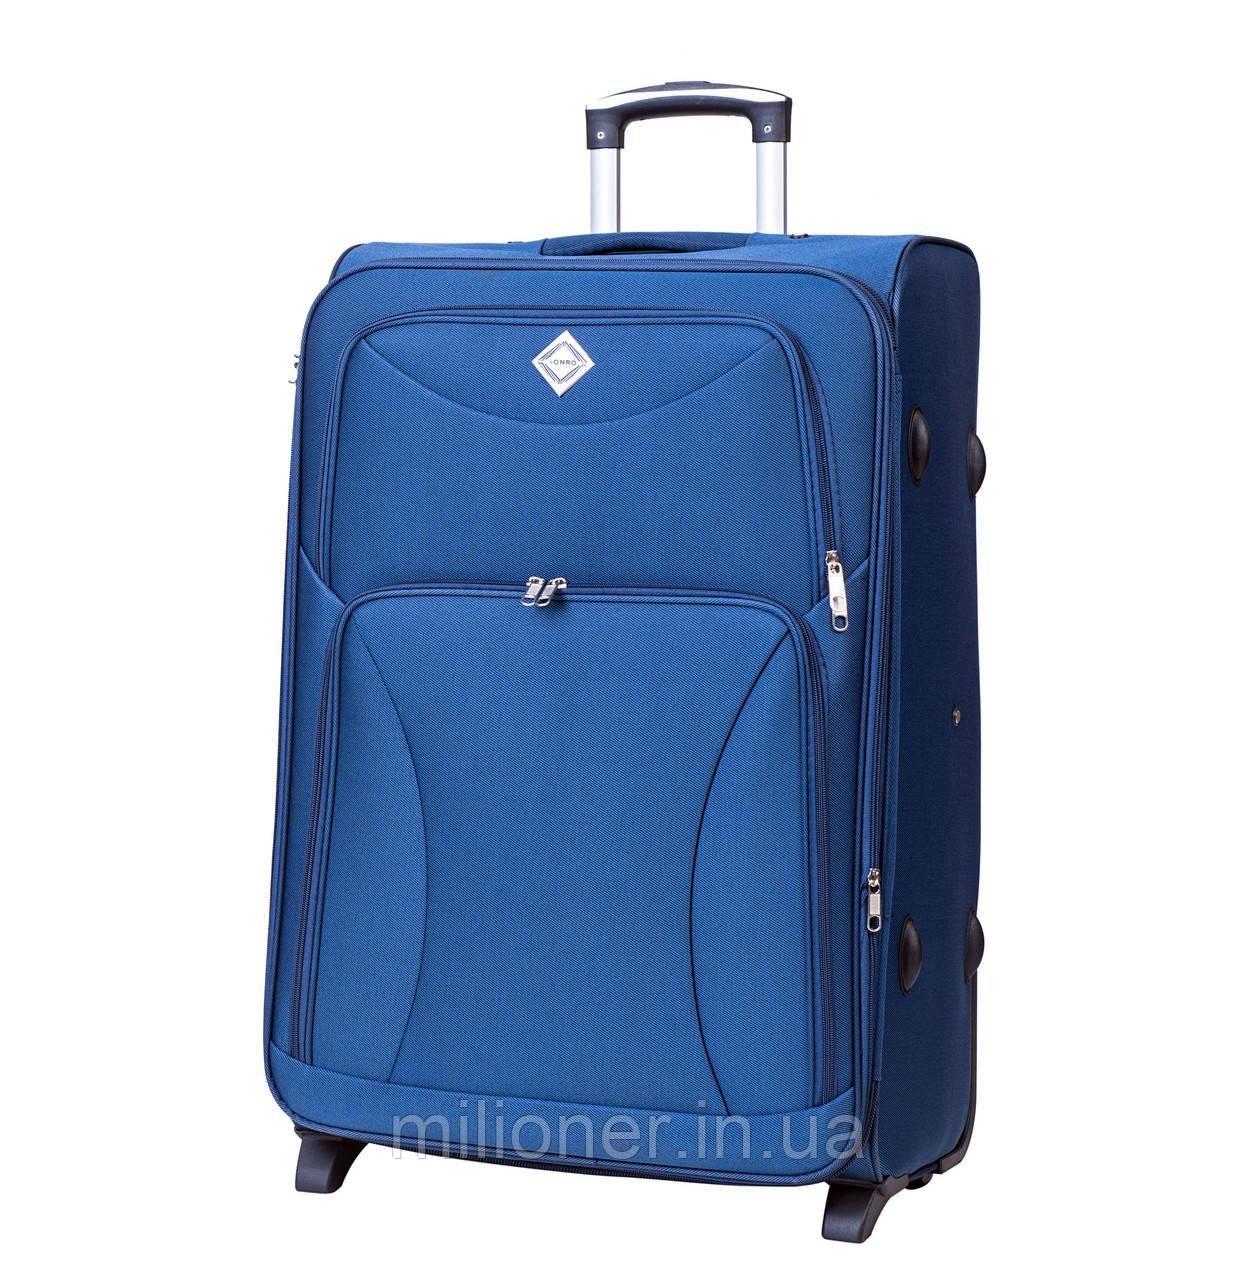 Чемодан Bonro Tourist (средний) синий